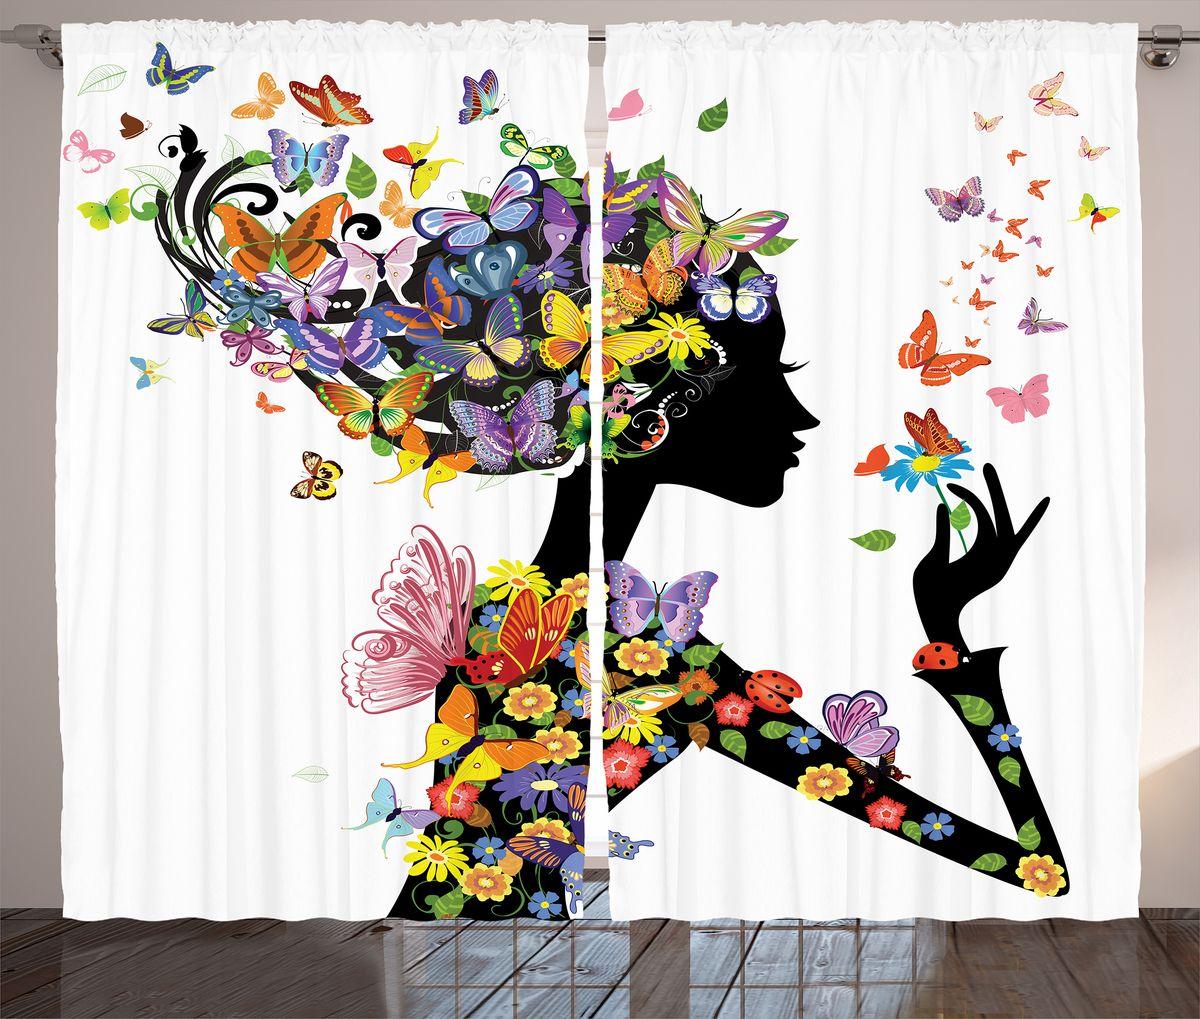 Комплект фотоштор Magic Lady Цветочная фея с бабочками, на ленте, высота 265 см. шсг_1101721255Компания Сэмболь изготавливает шторы из высококачественного сатена (полиэстер 100%). При изготовлении используются специальные гипоаллергенные чернила для прямой печати по ткани, безопасные для человека и животных. Экологичность продукции Magic lady и безопасность для окружающей среды подтверждены сертификатом Oeko-Tex Standard 100. Крепление: крючки для крепления на шторной ленте (50 шт). Возможно крепление на трубу. Внимание! При нанесении сублимационной печати на ткань технологическим методом при температуре 240°С, возможно отклонение полученных размеров (указанных на этикетке и сайте) от стандартных на + - 3-5 см. Производитель старается максимально точно передать цвета изделия на фотографиях, однако искажения неизбежны и фактический цвет изделия может отличаться от воспринимаемого по фото. Обратите внимание! Шторы изготовлены из полиэстра сатенового переплетения, а не из сатина (хлопок). Размер одного полотна шторы: 145х265 см. В комплекте 2 полотна шторы и 50 крючков.